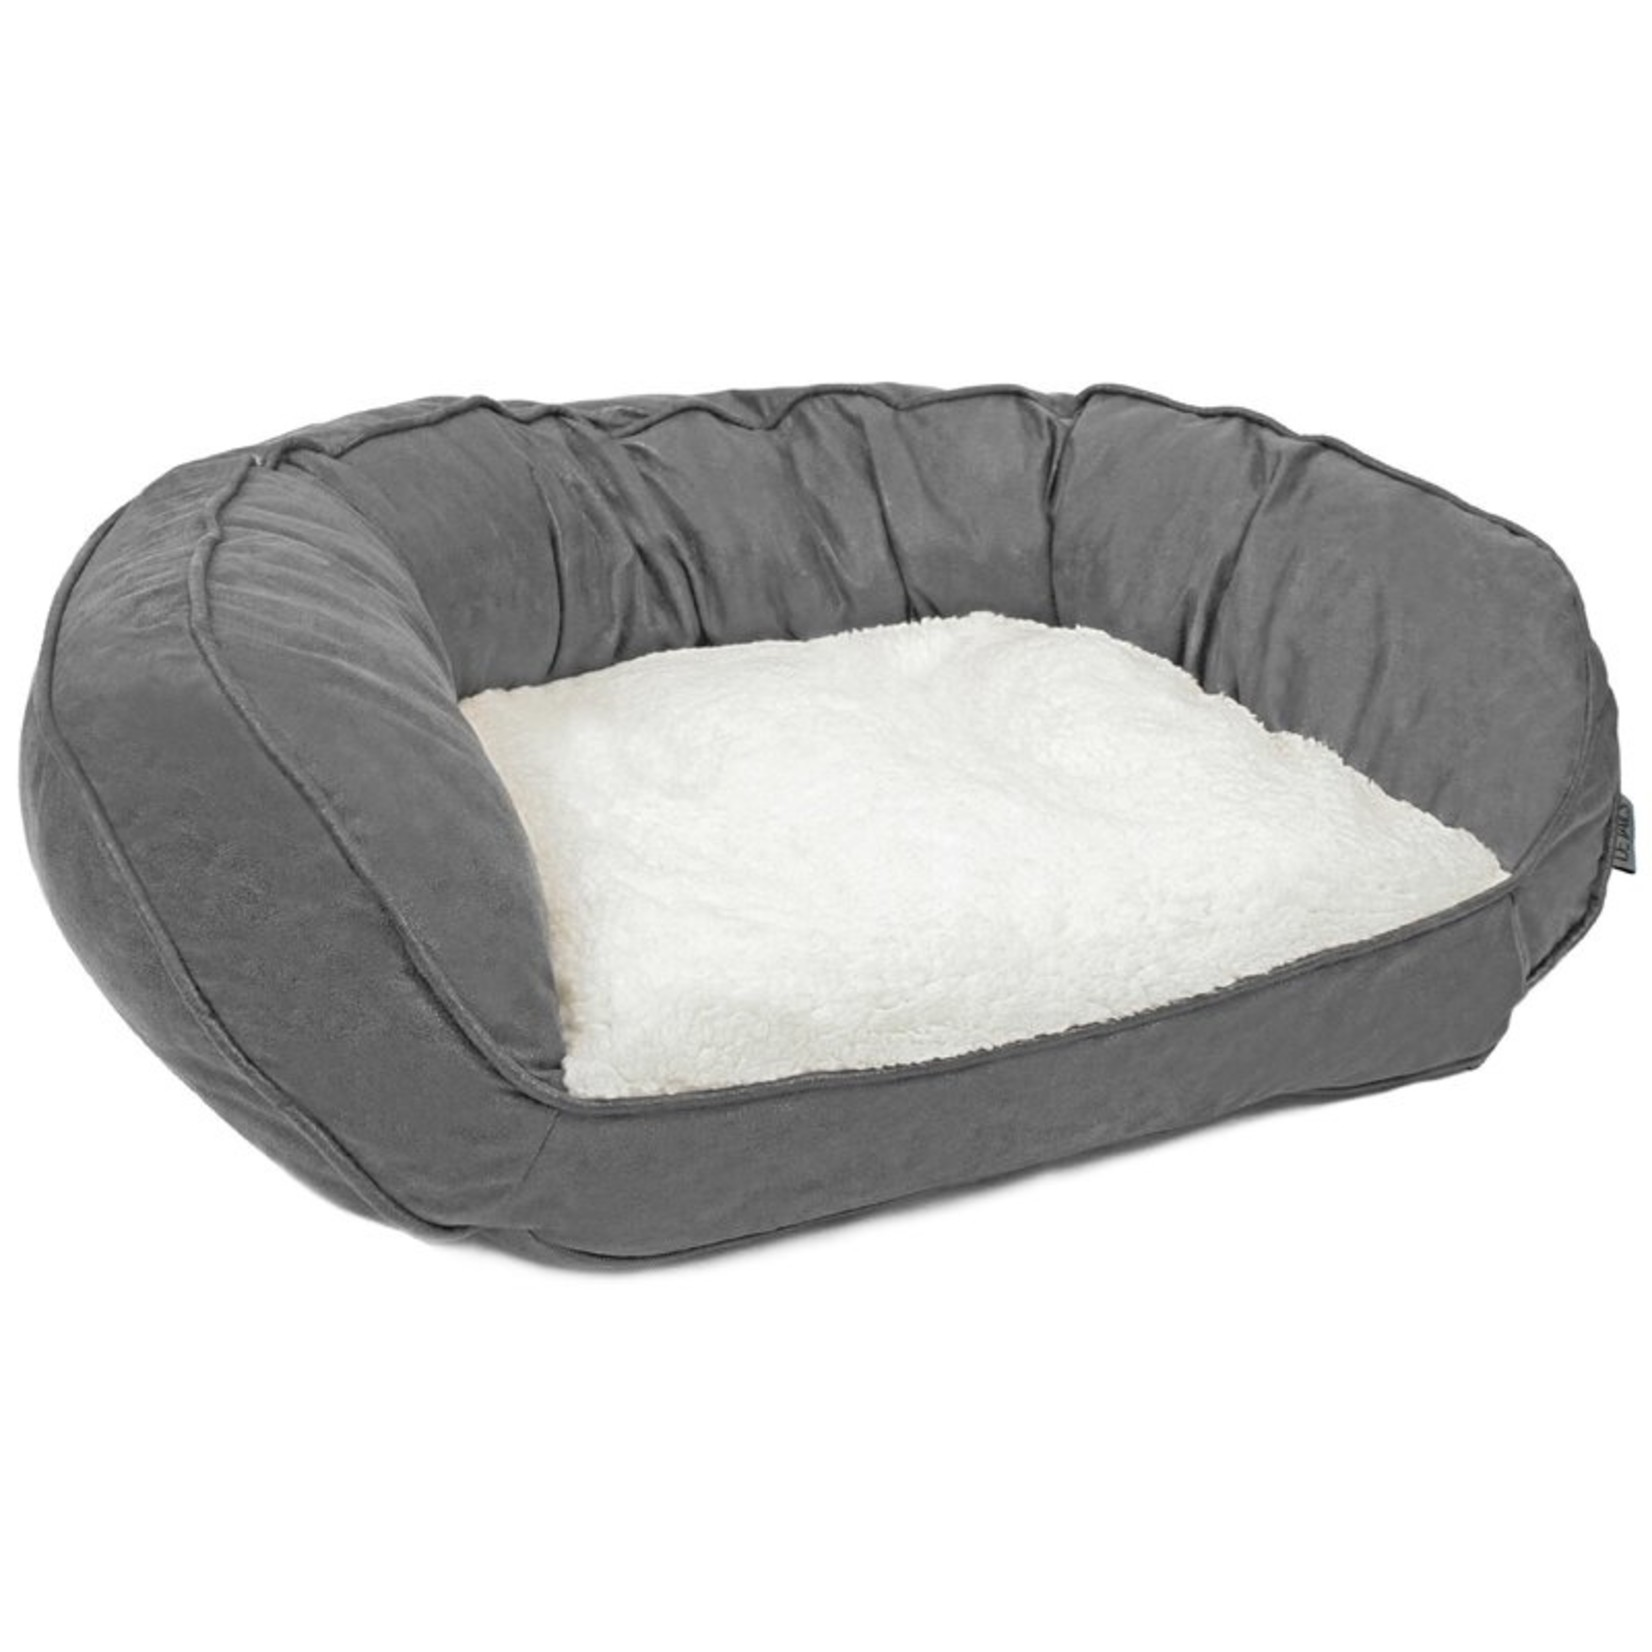 *Iowa Vegan Leather Curved Orthopedic Memory Foam Sofa Pet Bed - Gray